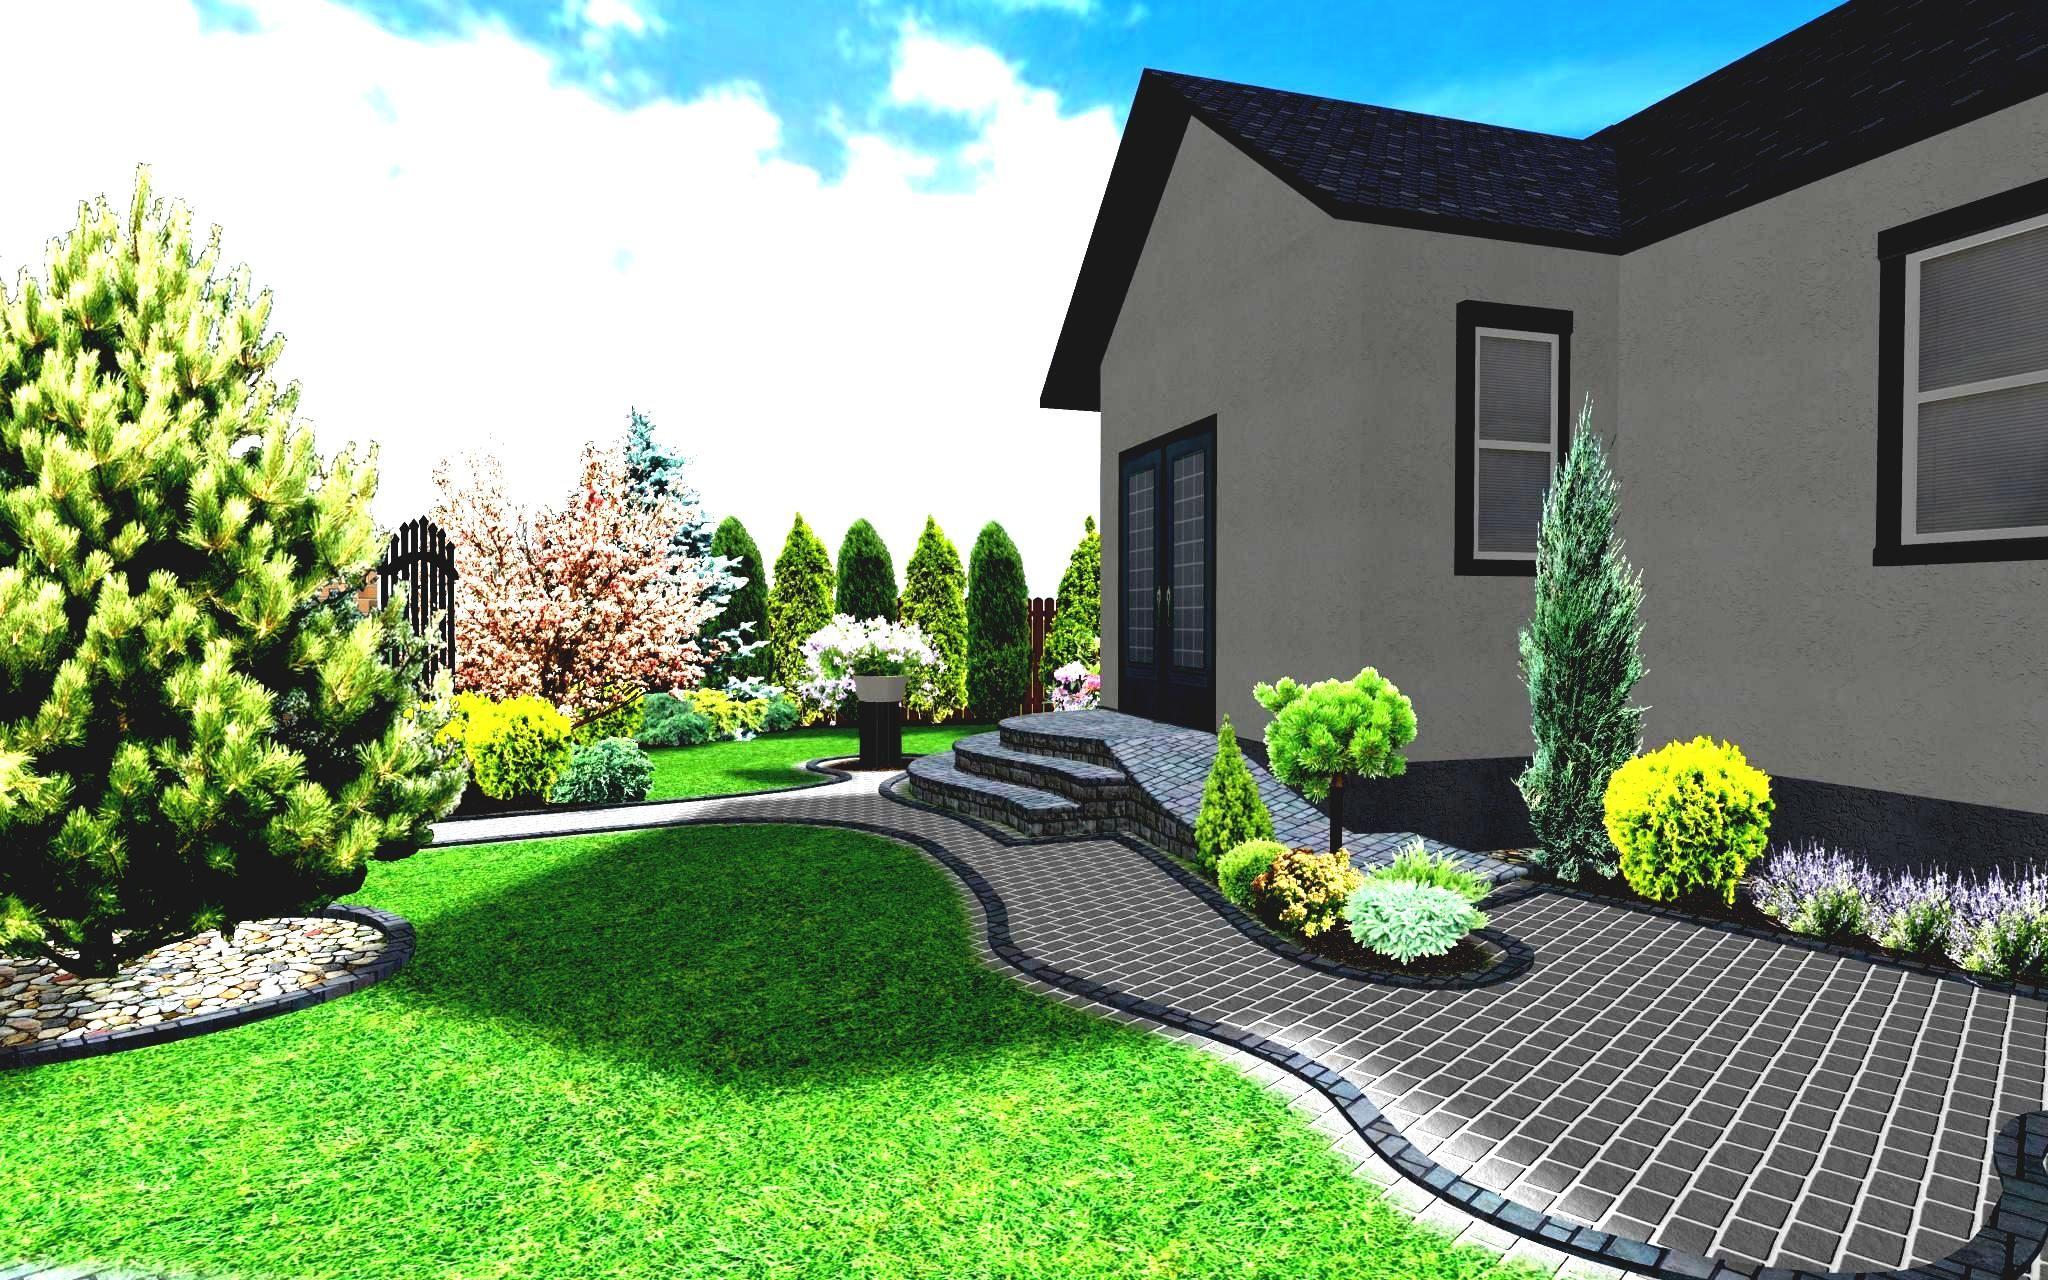 Gartengestaltung online kostenlos planen for Gartengestaltung planen